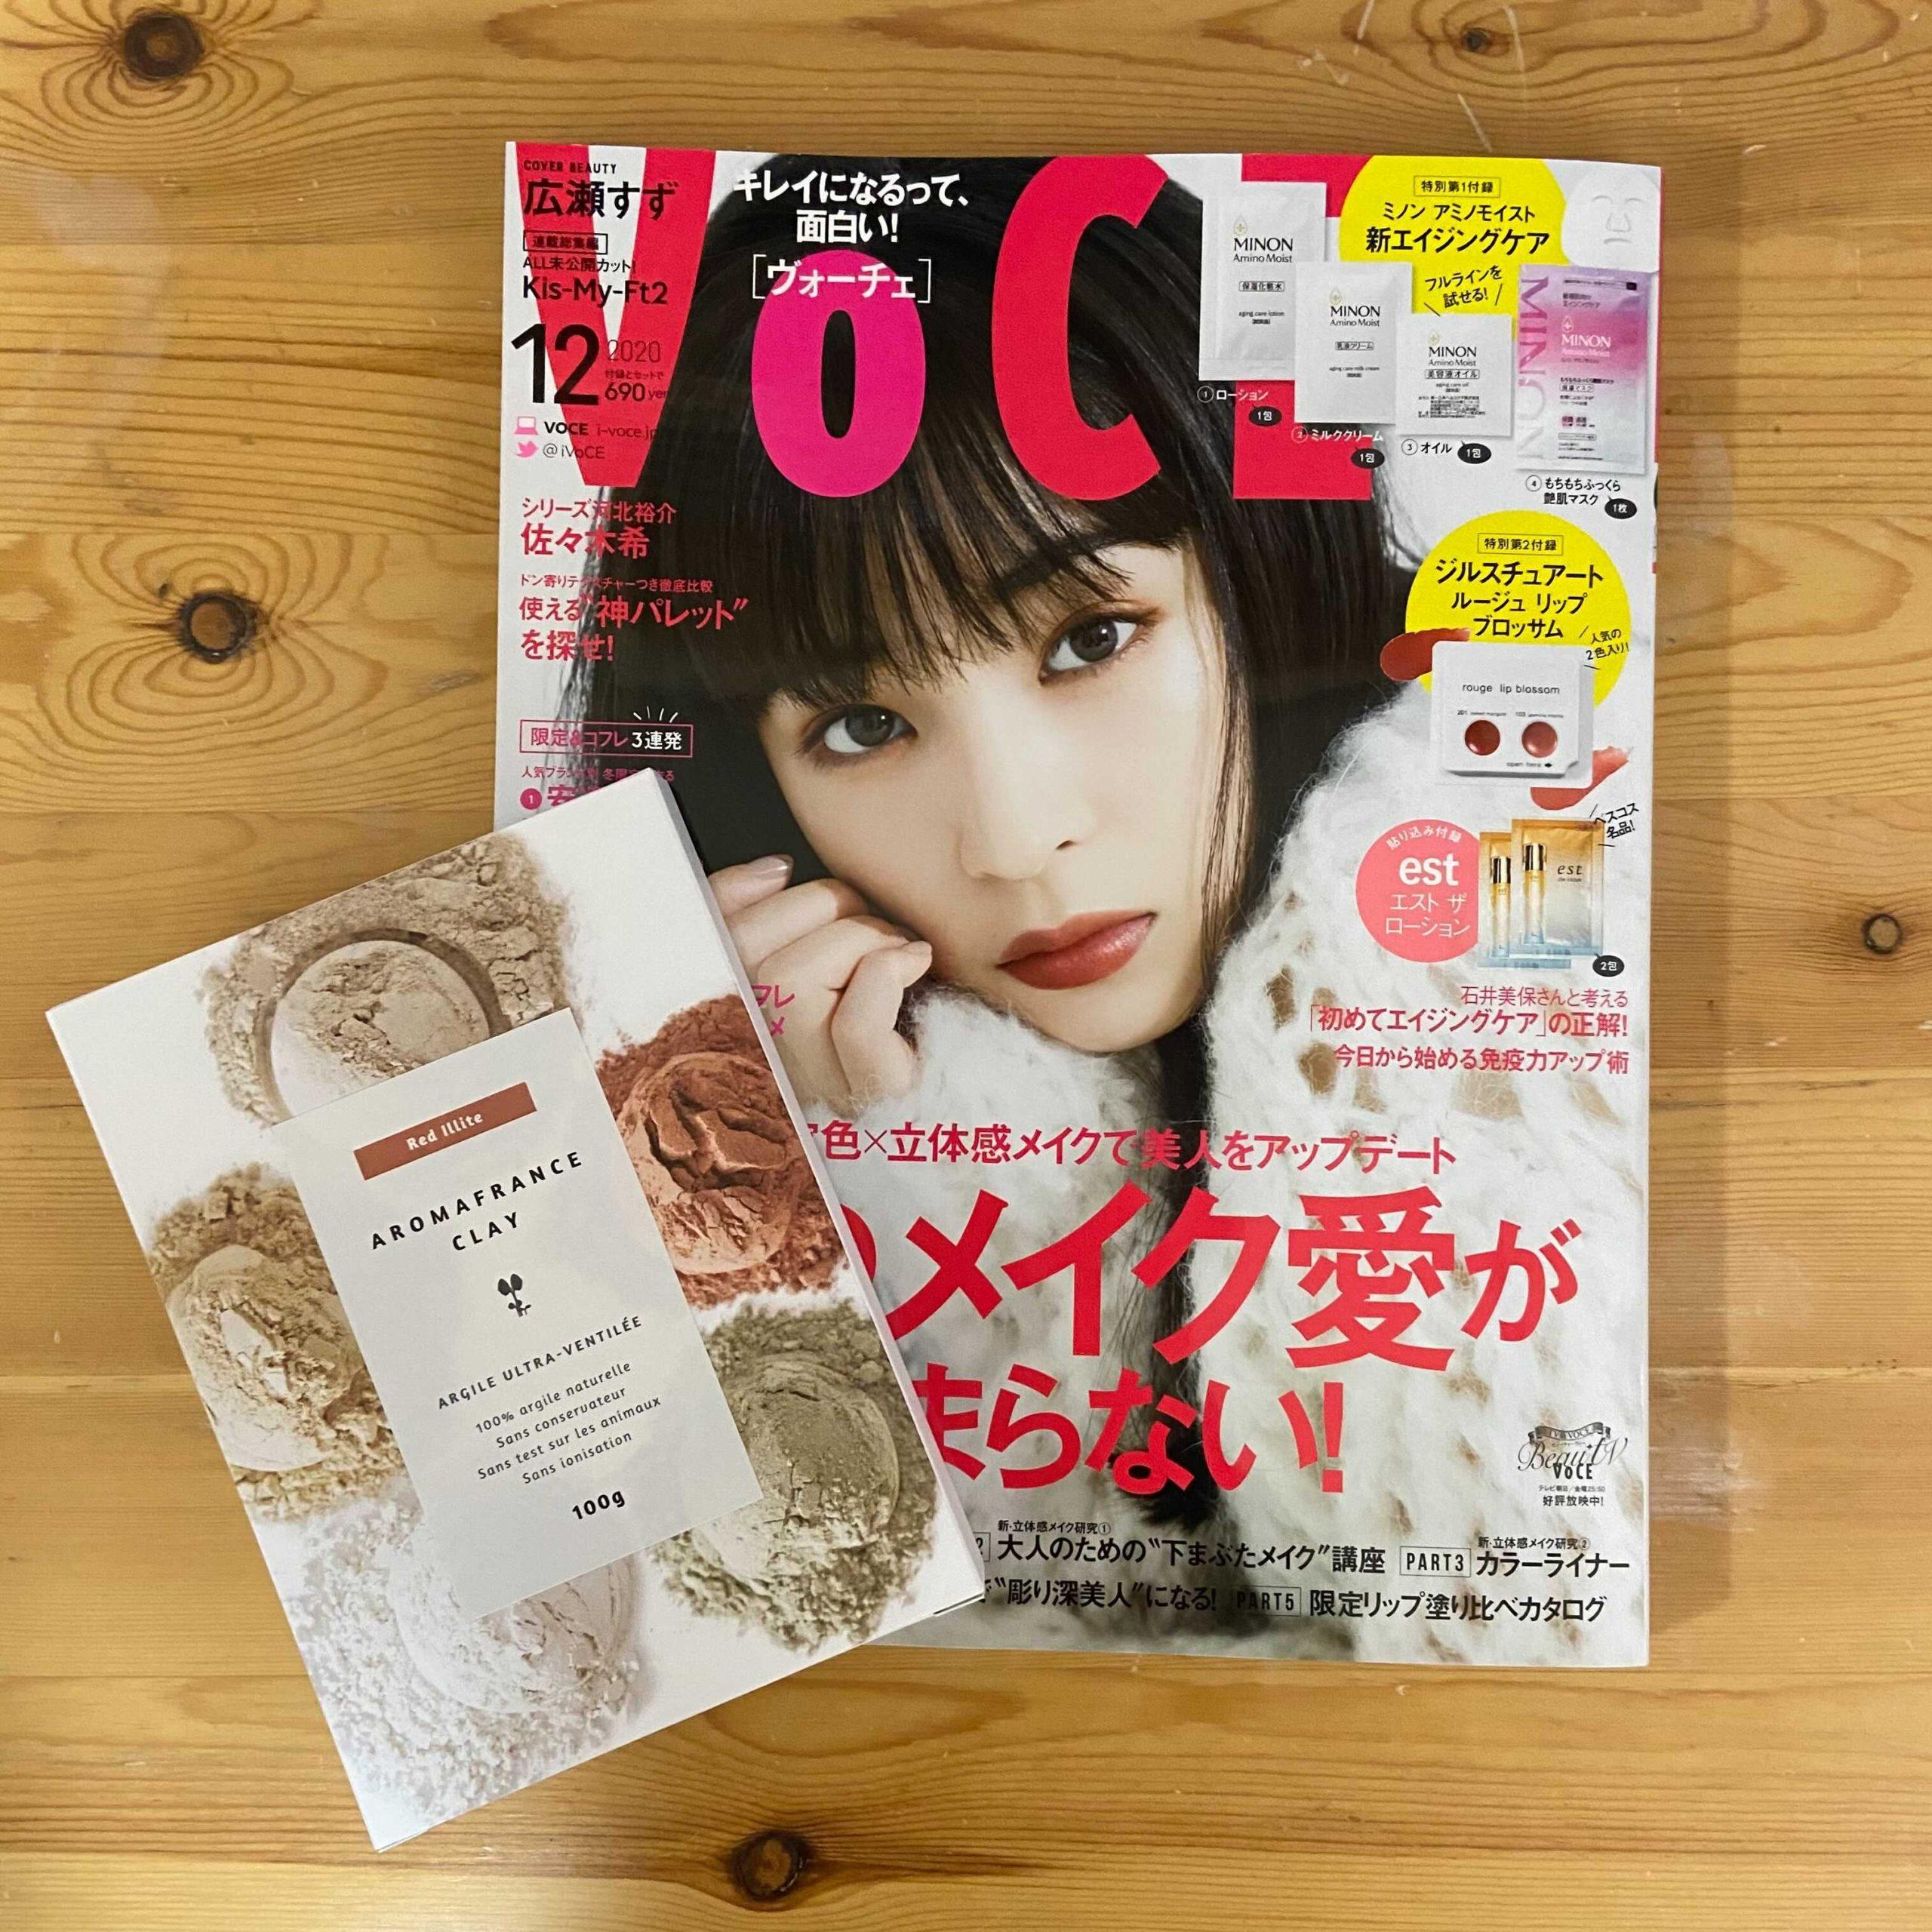 雑誌【VOCE 12月号】に冷えたカラダを温めてくれるクレイのレッドイライトをご紹介いただきました